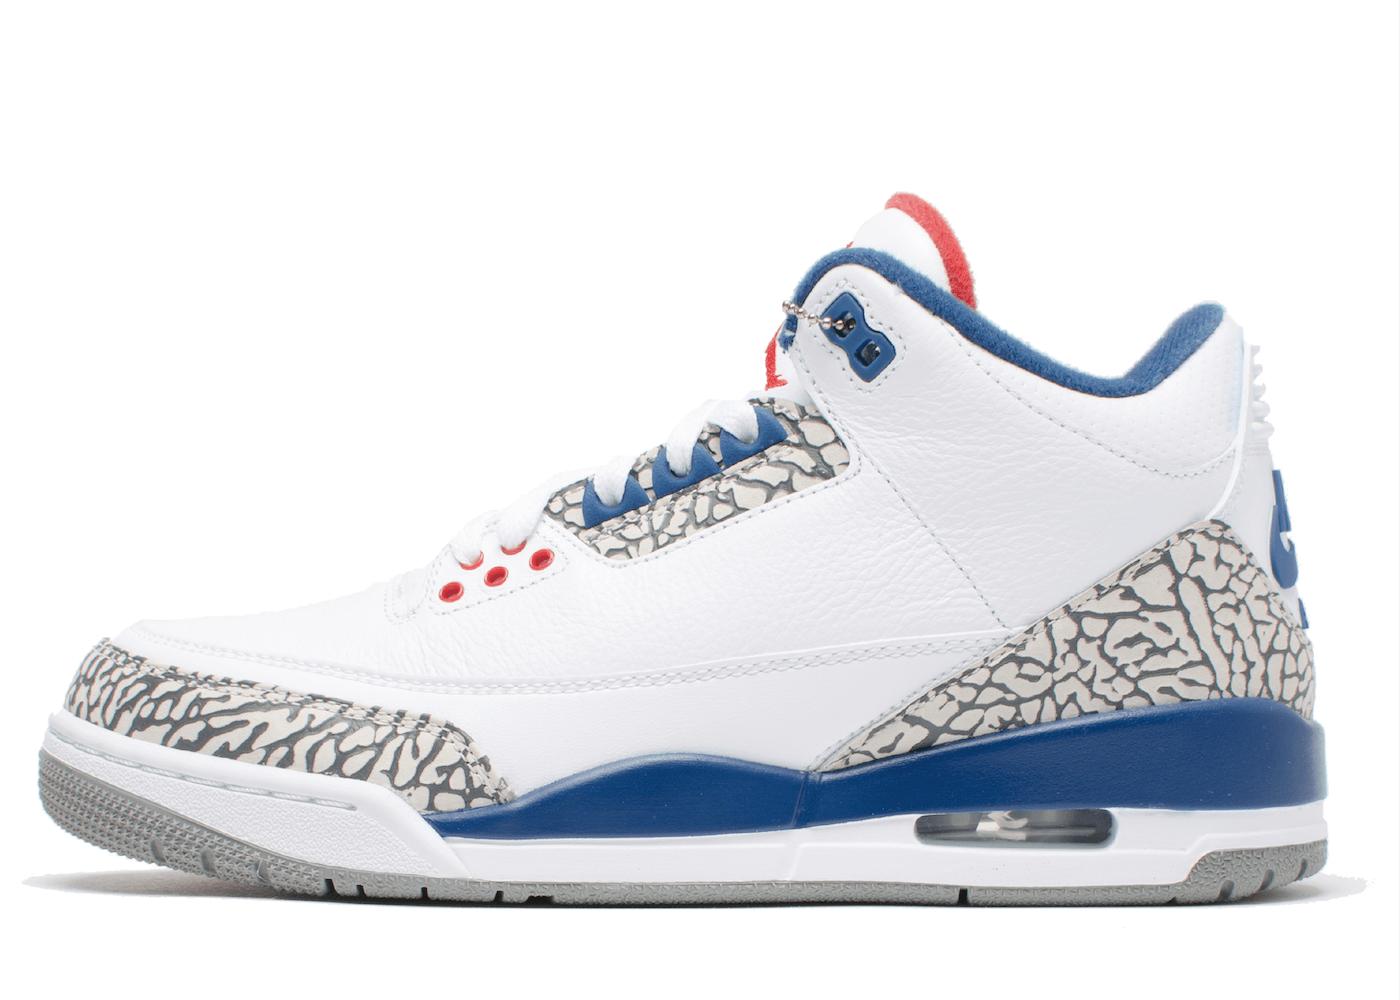 Nike Air Jordan 3 Retro True Blue (2016